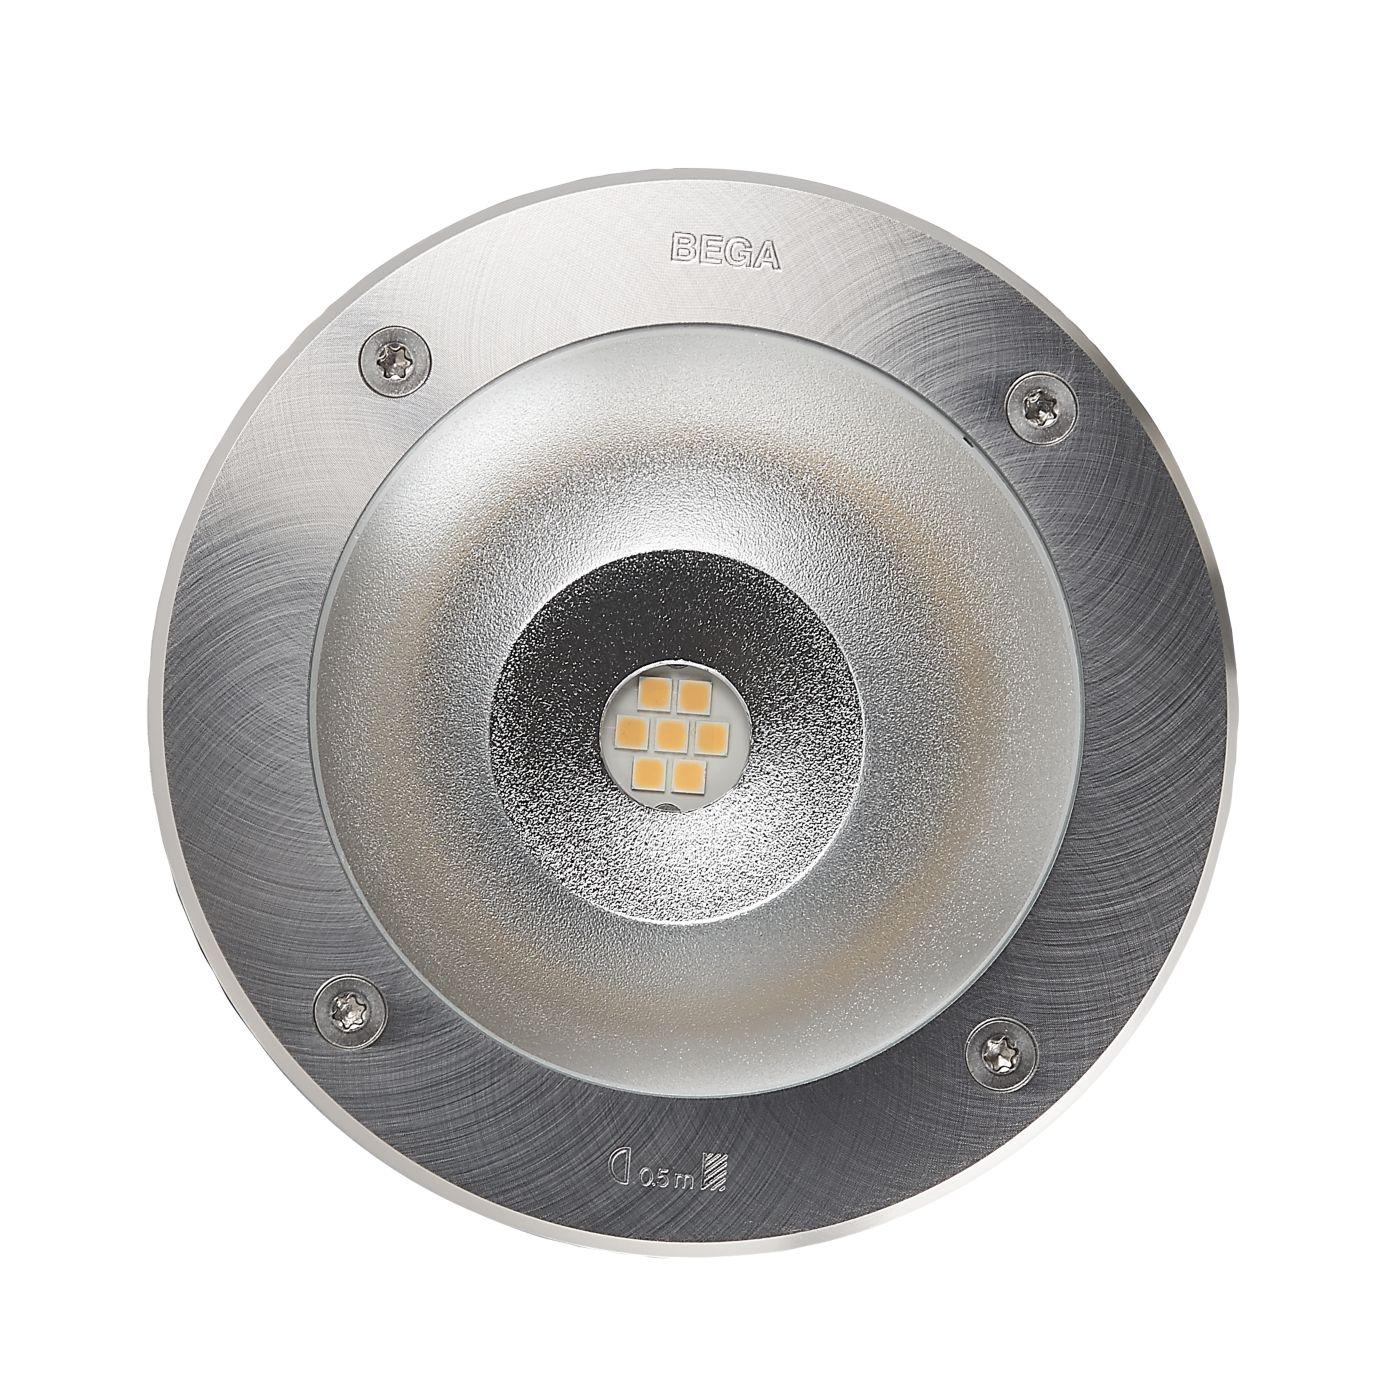 Turbo LED-Bodenleuchten & LED-Bodenlampen Außen kaufen bei light11.de AY41